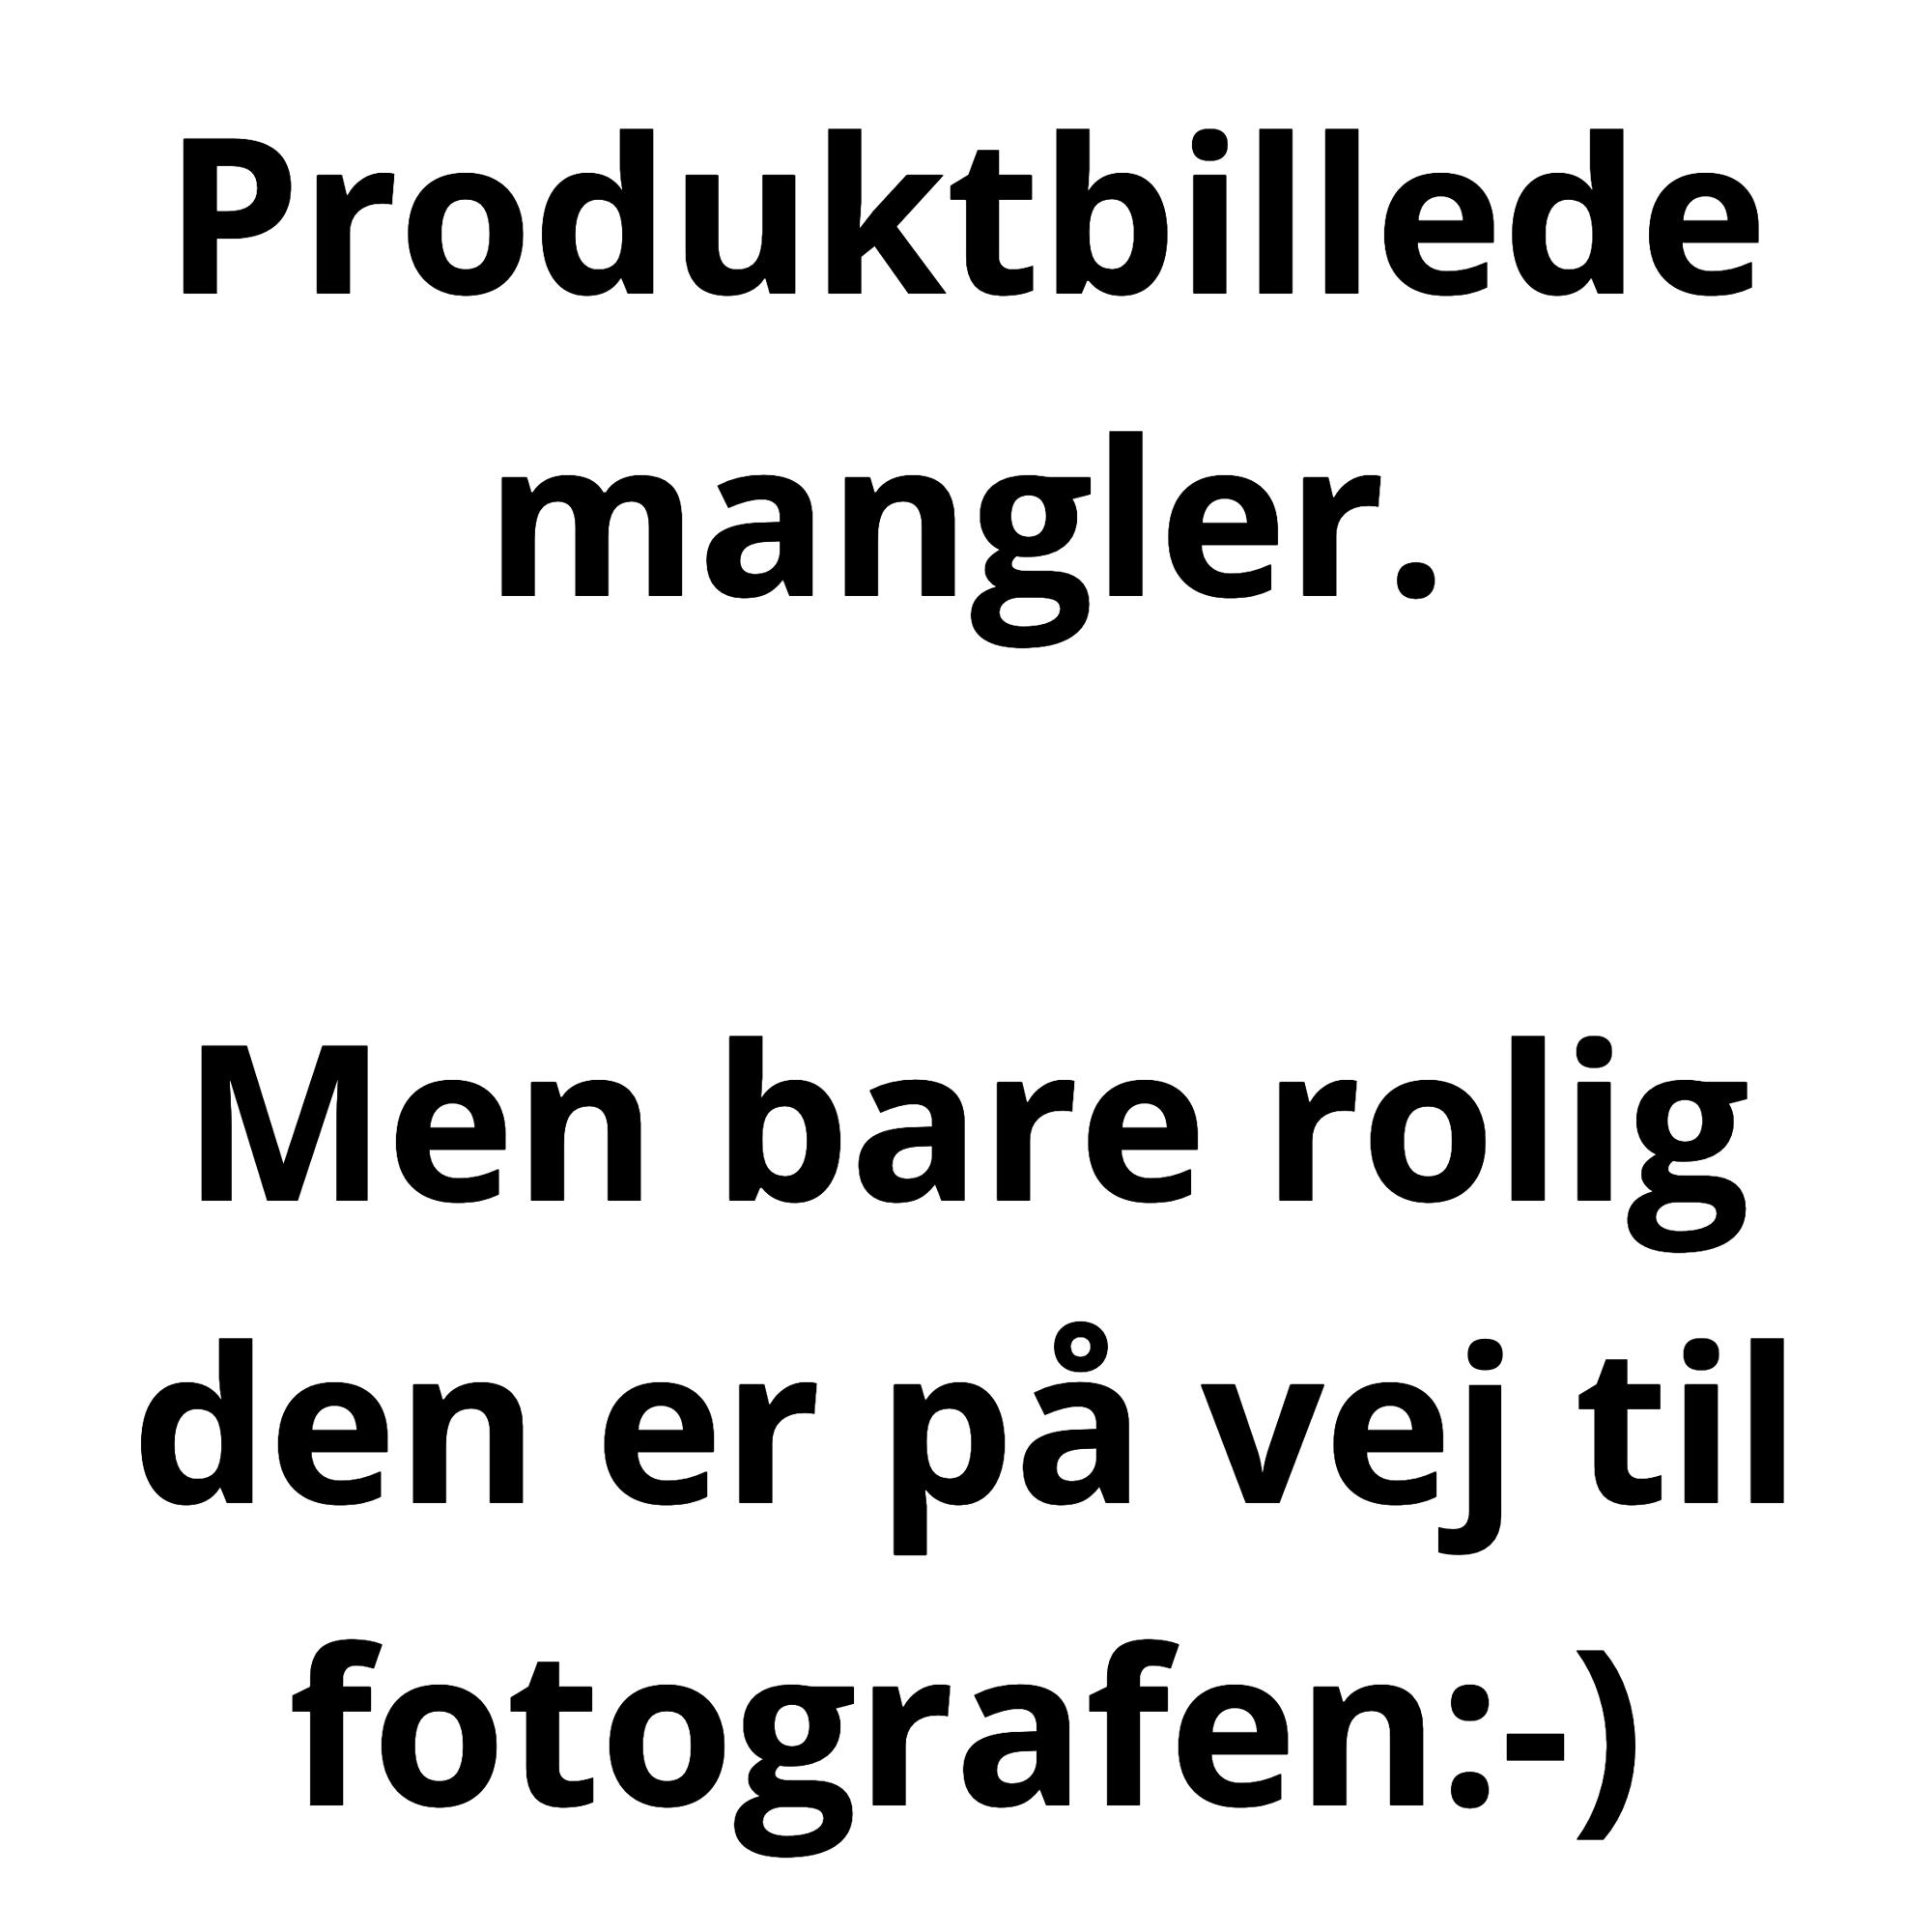 Brodit Apple iPhone 5/5S/5C/SE/12 Mini m. beskyttelsescover (b: 62-77/ d:6-10mm) - Passiv Holder